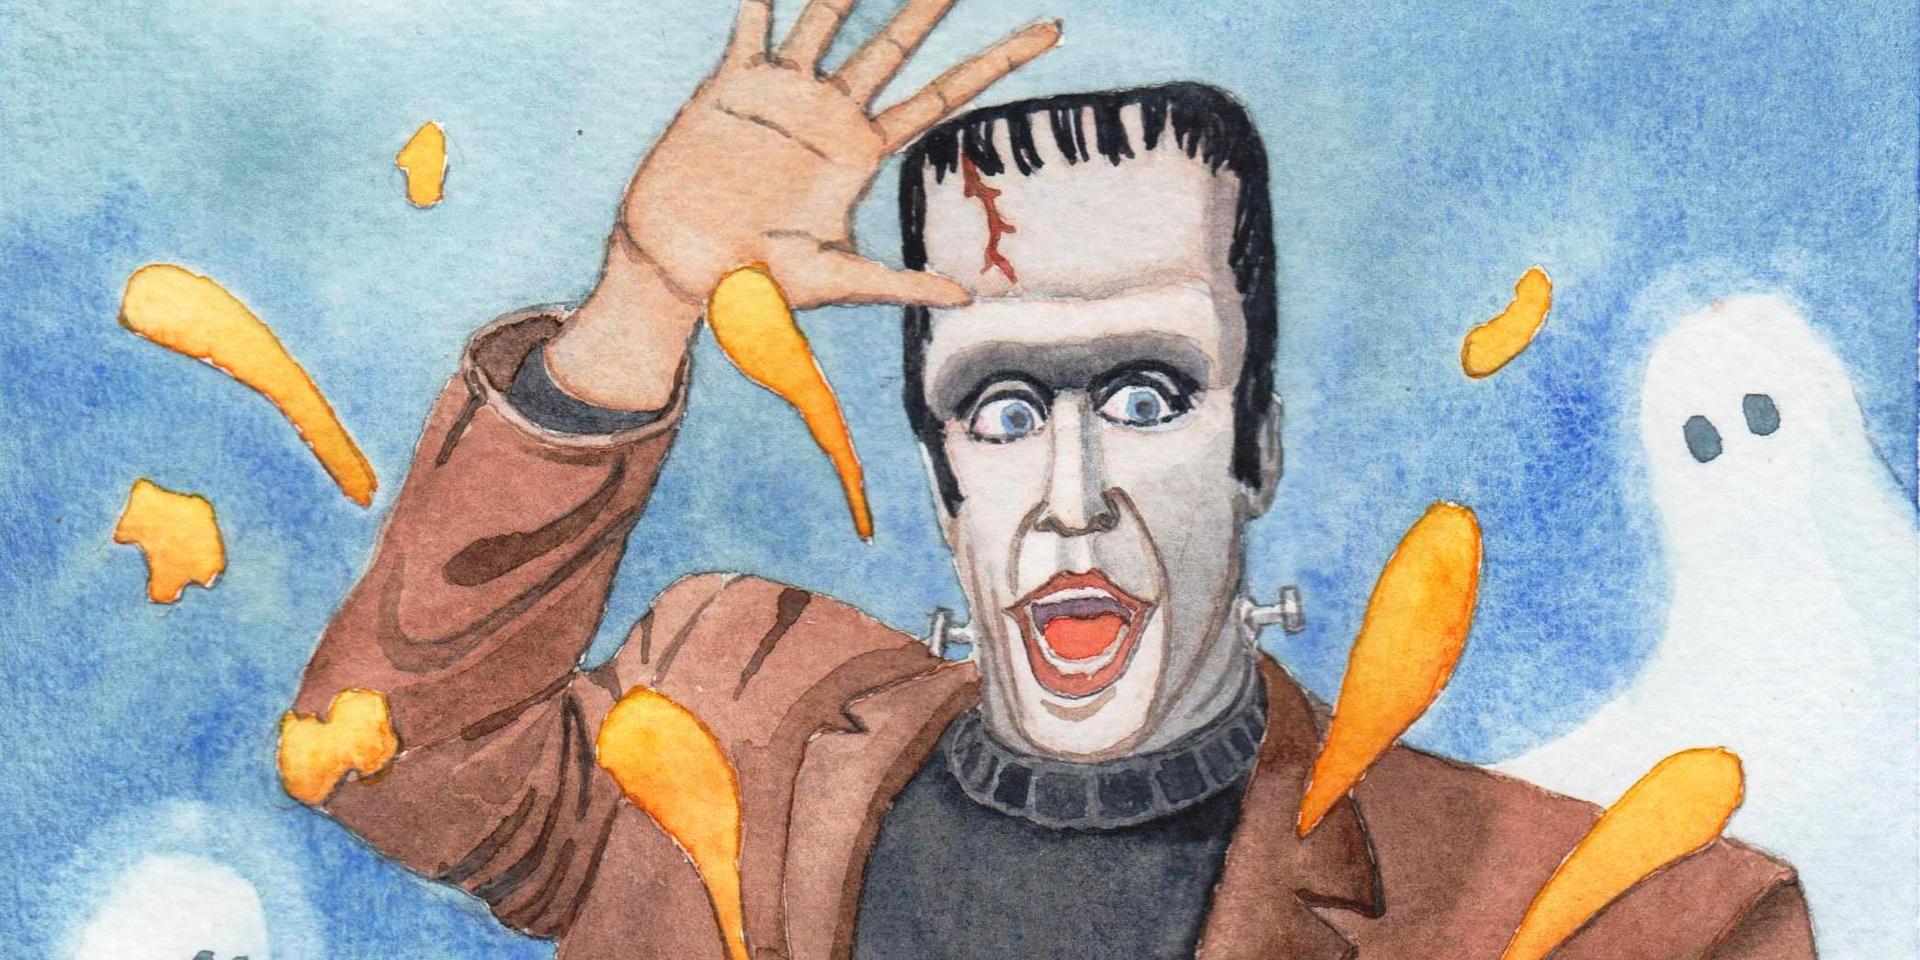 Herman's Halloween